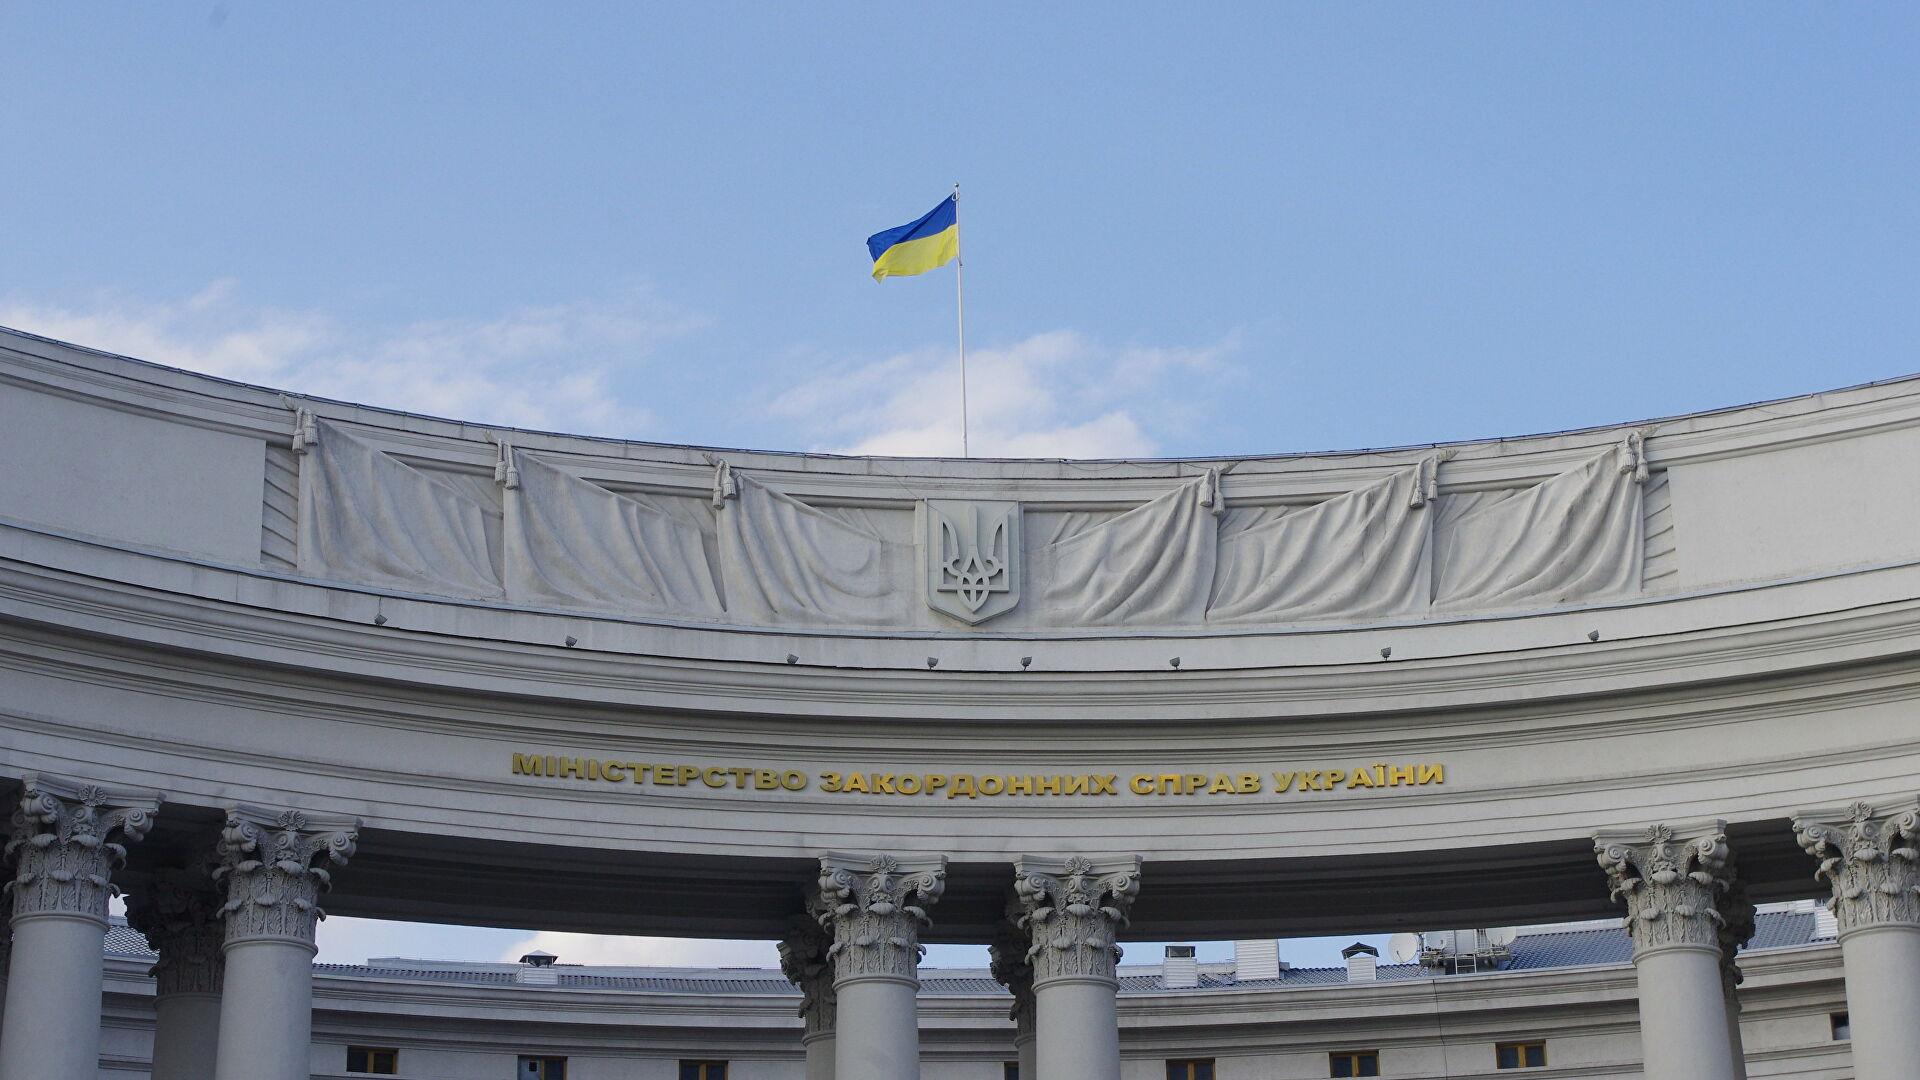 Киев отреагировал на отсутствие приглашения на саммит НАТО